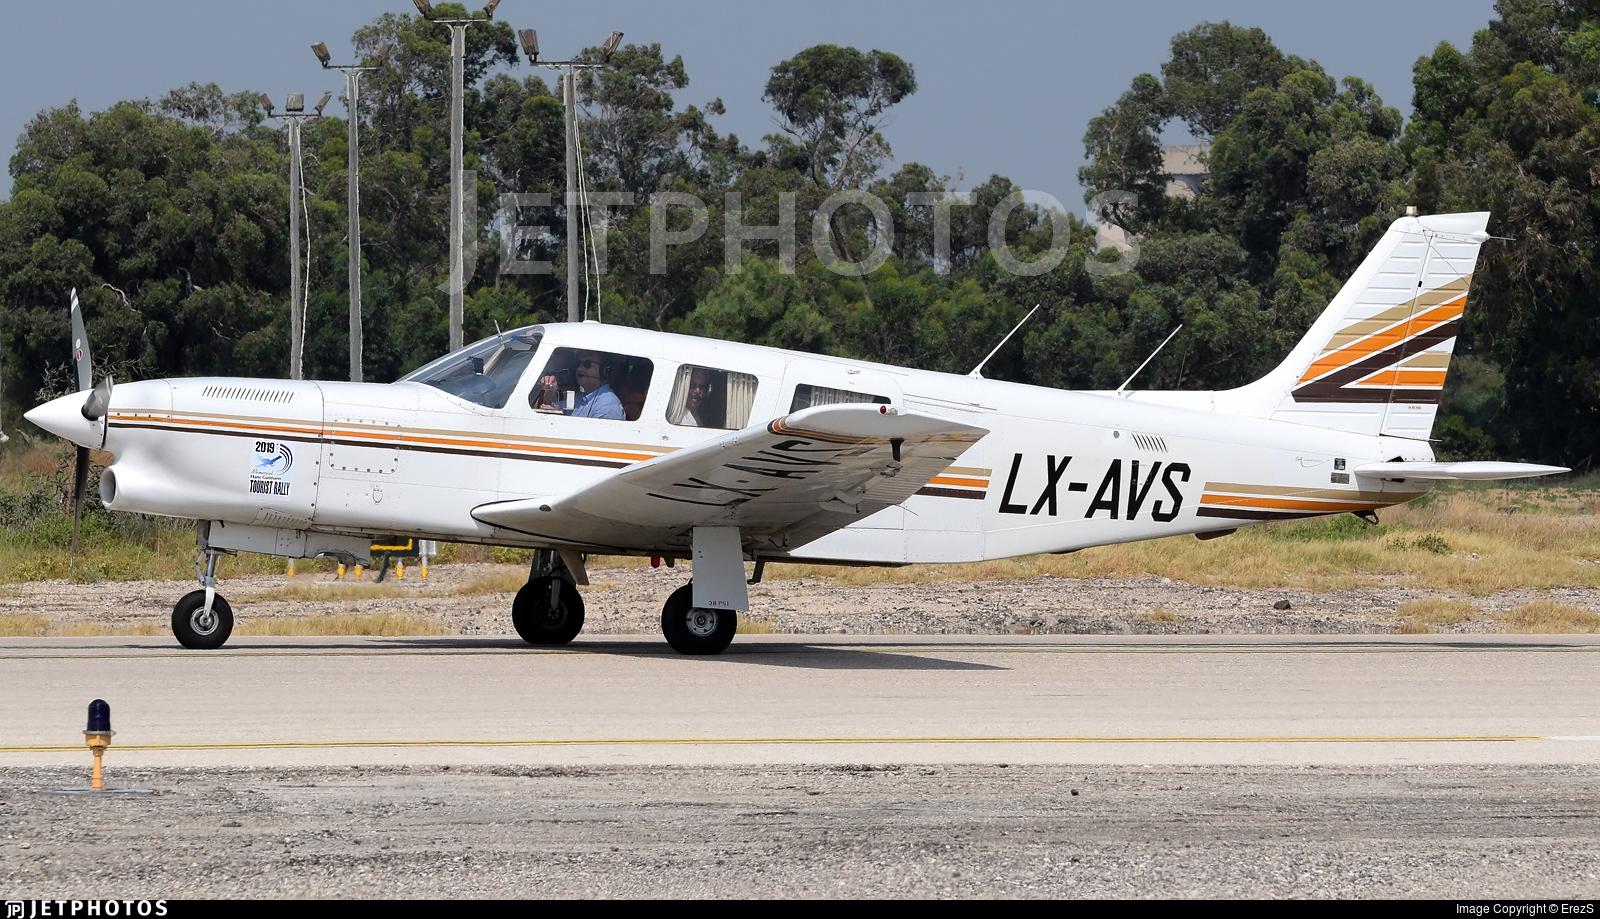 LX-AVS - Piper PA-32R-301T Turbo Saratoga SP - Private